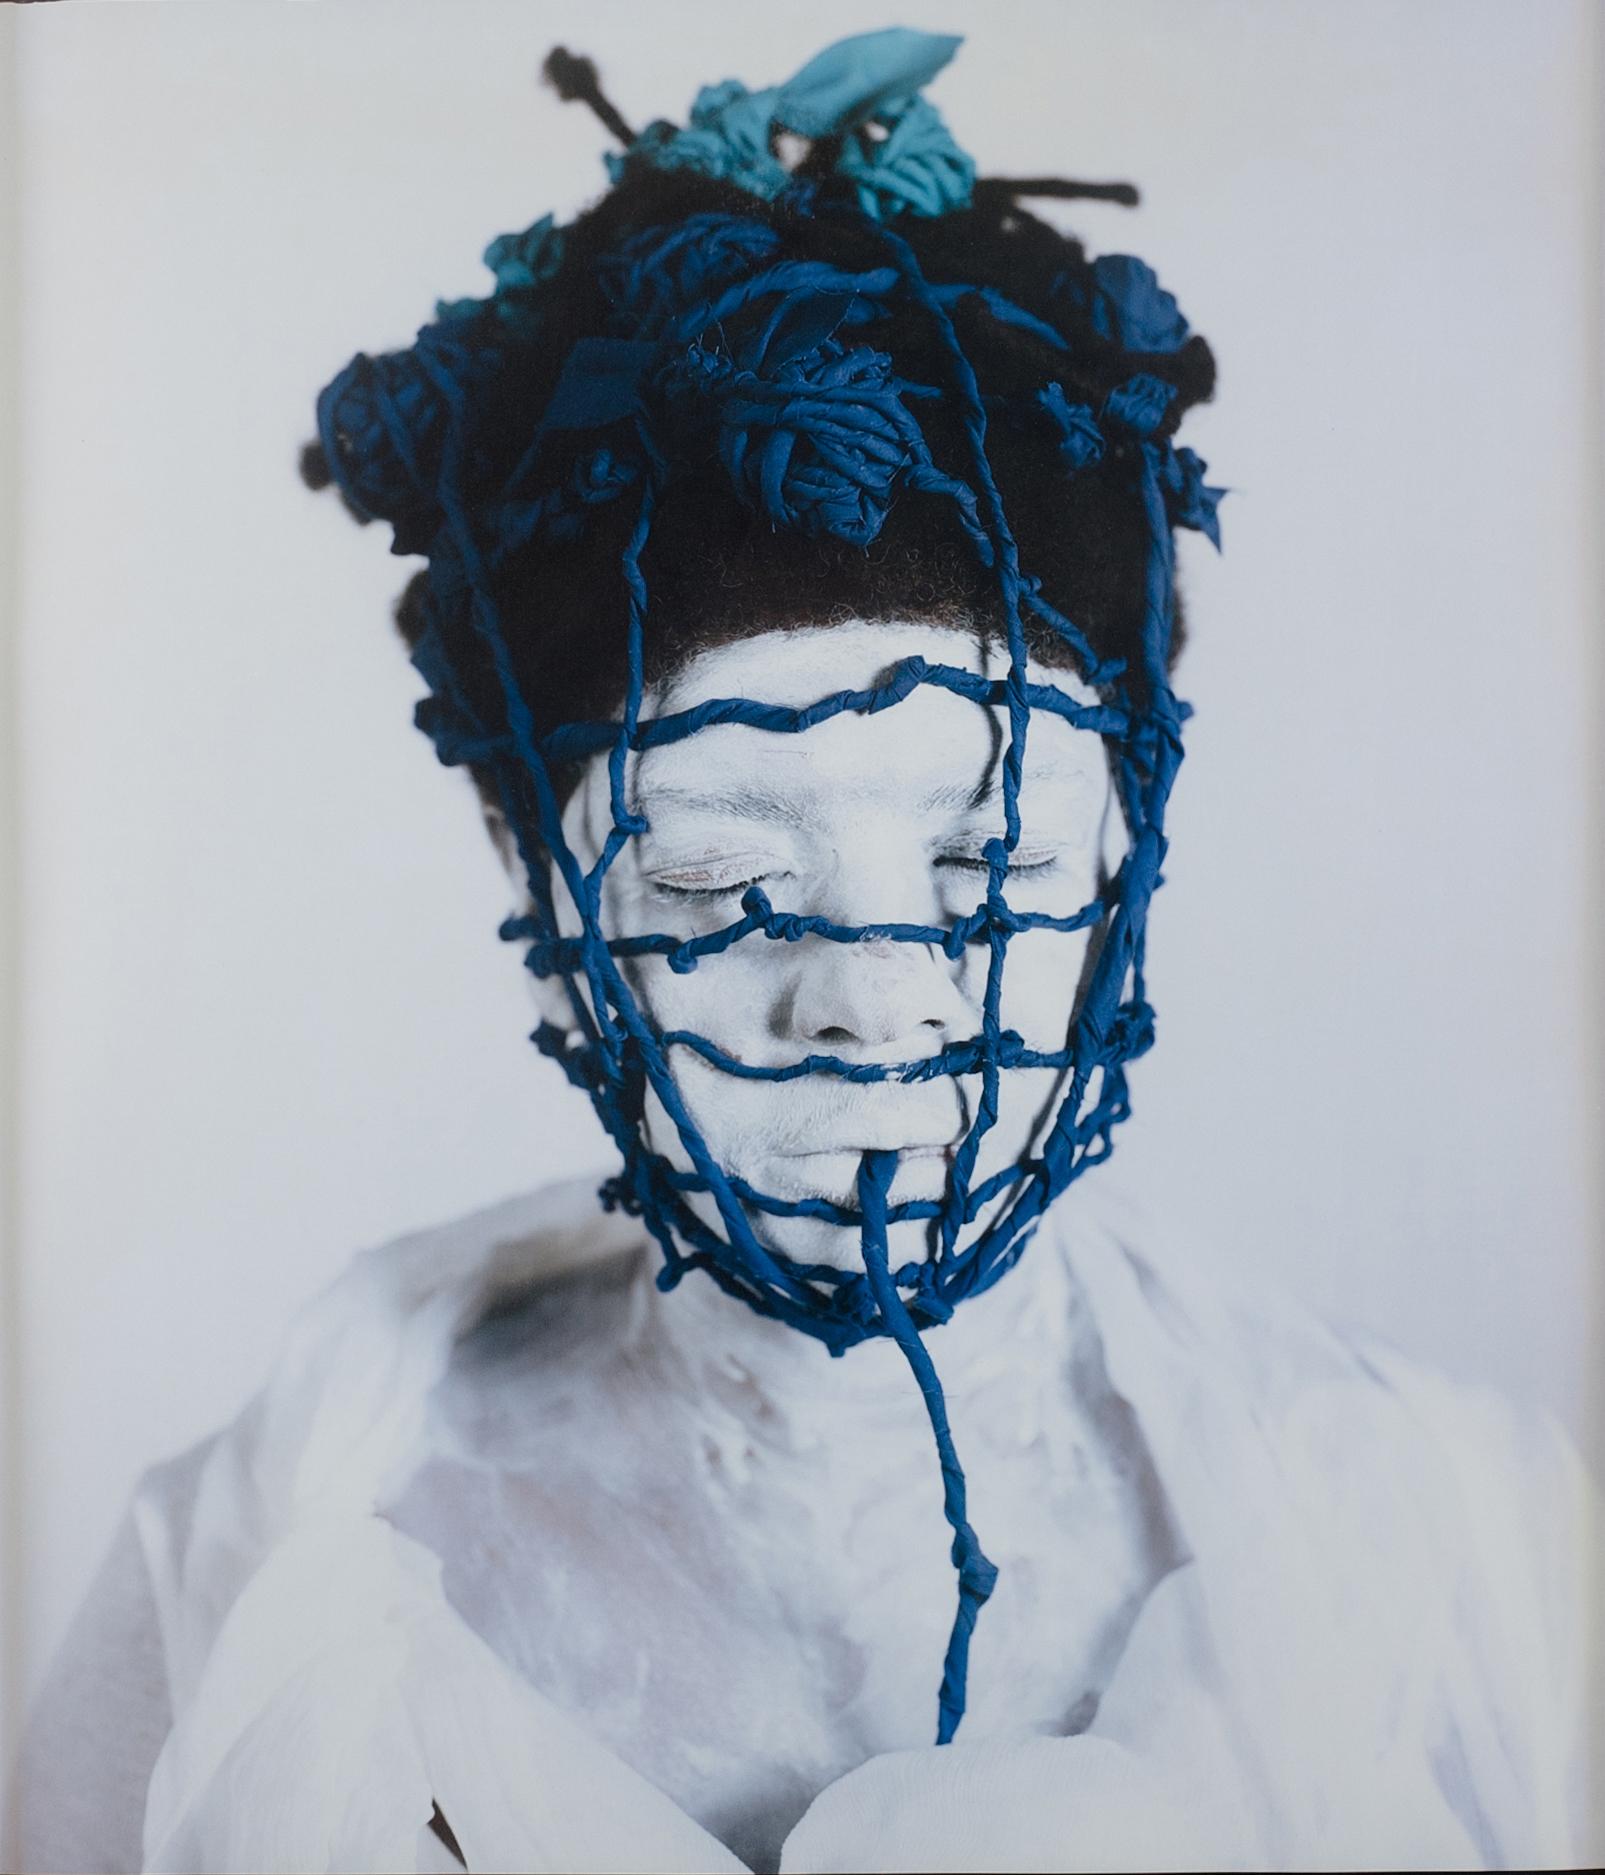 María Magdalena Campos-Pons, Freedom Trap, c. 2013, Polaroid Polacolor Pro 24 x 20 Photograph, 24 x 20 inches (61 x 50.8 cm)